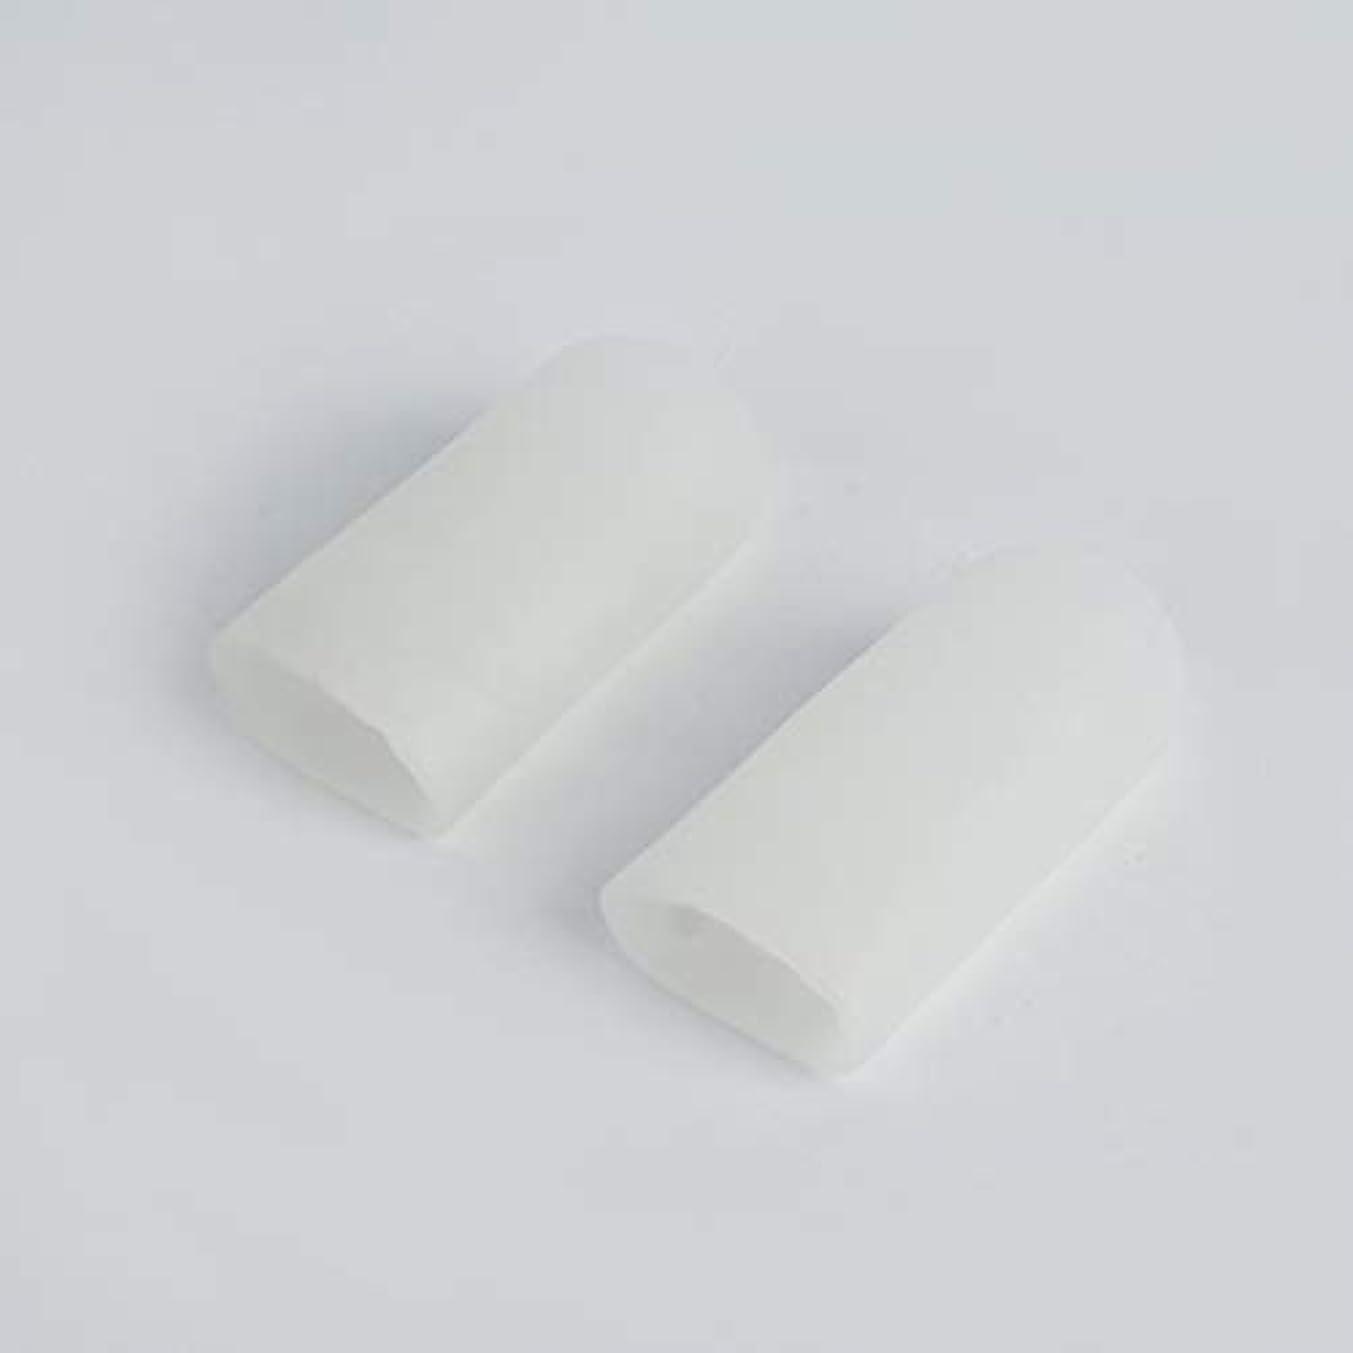 電話に出る温度計公Open Toe Tubes Gel Lined Fabric Sleeve Protectors To Prevent Corns, Calluses And Blisters While Softening And...